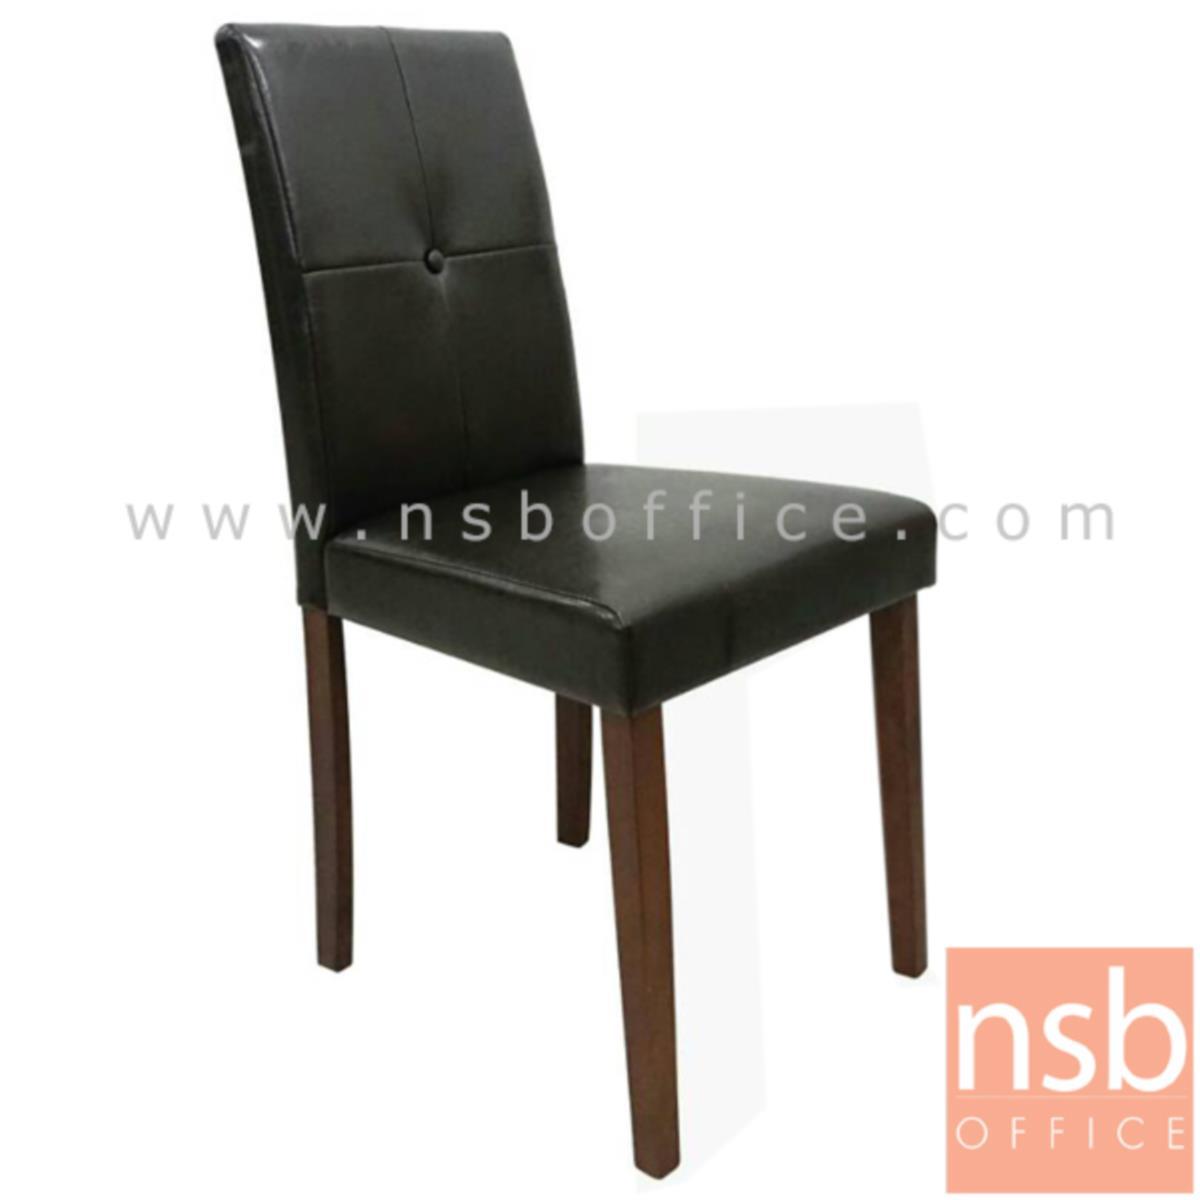 B22A111:เก้าอี้ไม้ที่นั่งหุ้มหนังไบแคส รุ่น Furla (เฟอร์ล่า) ขาไม้